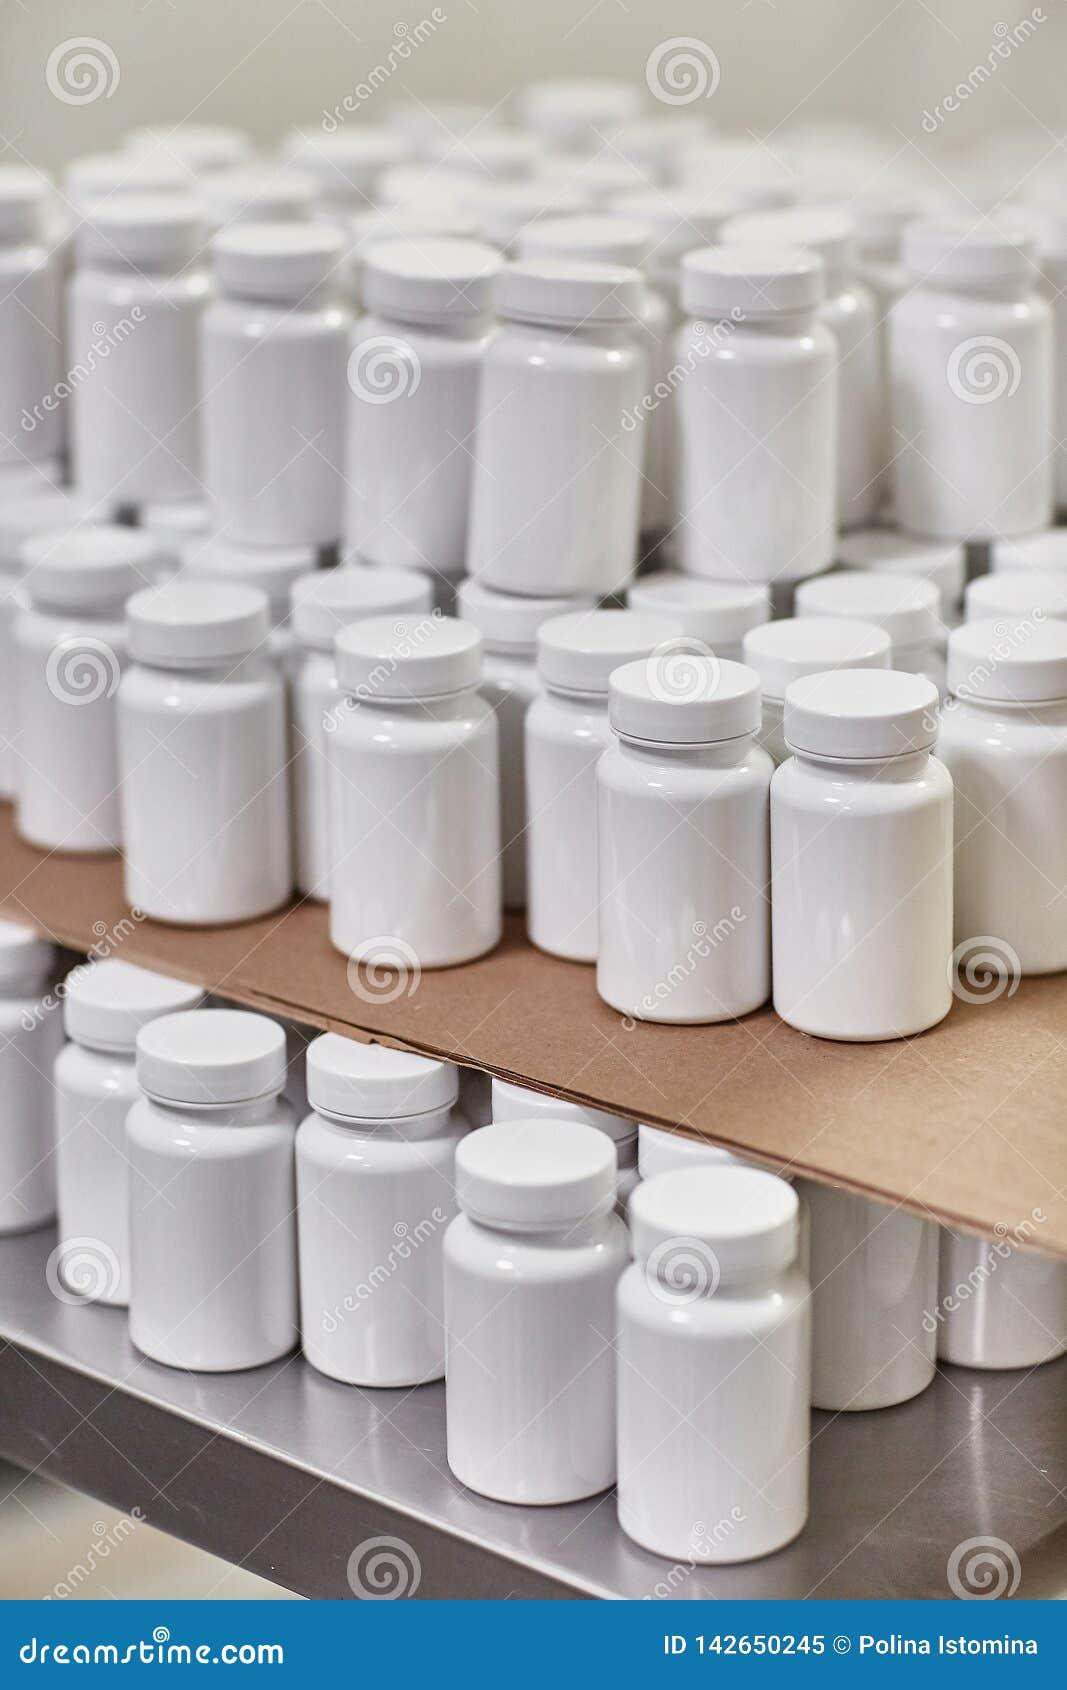 Farmaceutische nutraceutical het samenstellen verpakkende capsules